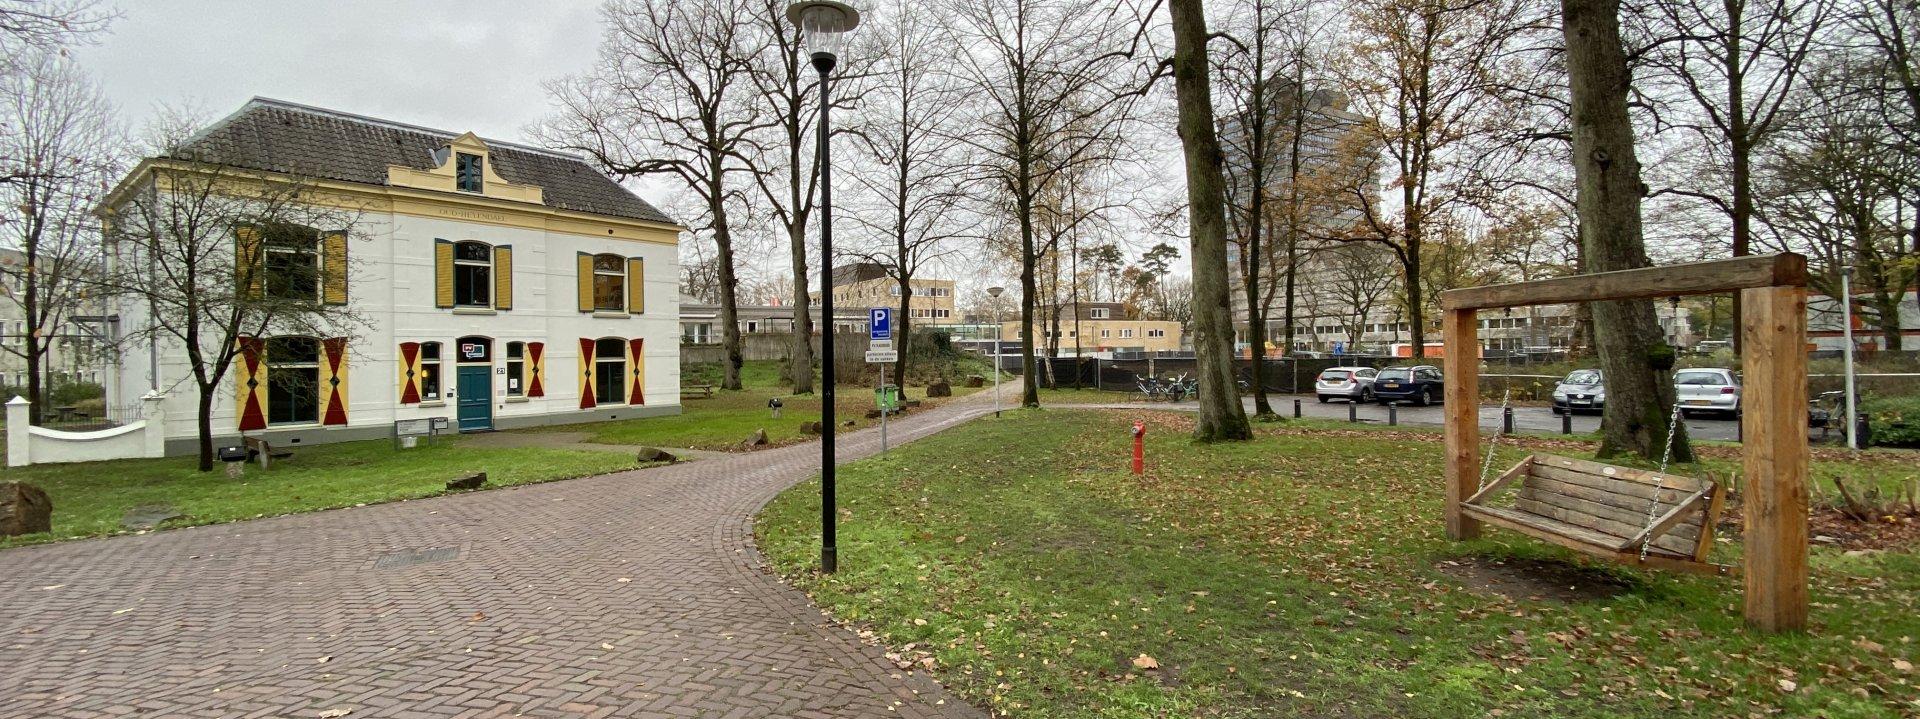 rt-arthurskm-voor-wandelbankjes-en-walkersbenches-huize-oud-heyendael-in-nijmegen-op-de-campus-van-de-universiteit-https-t-co-l0k